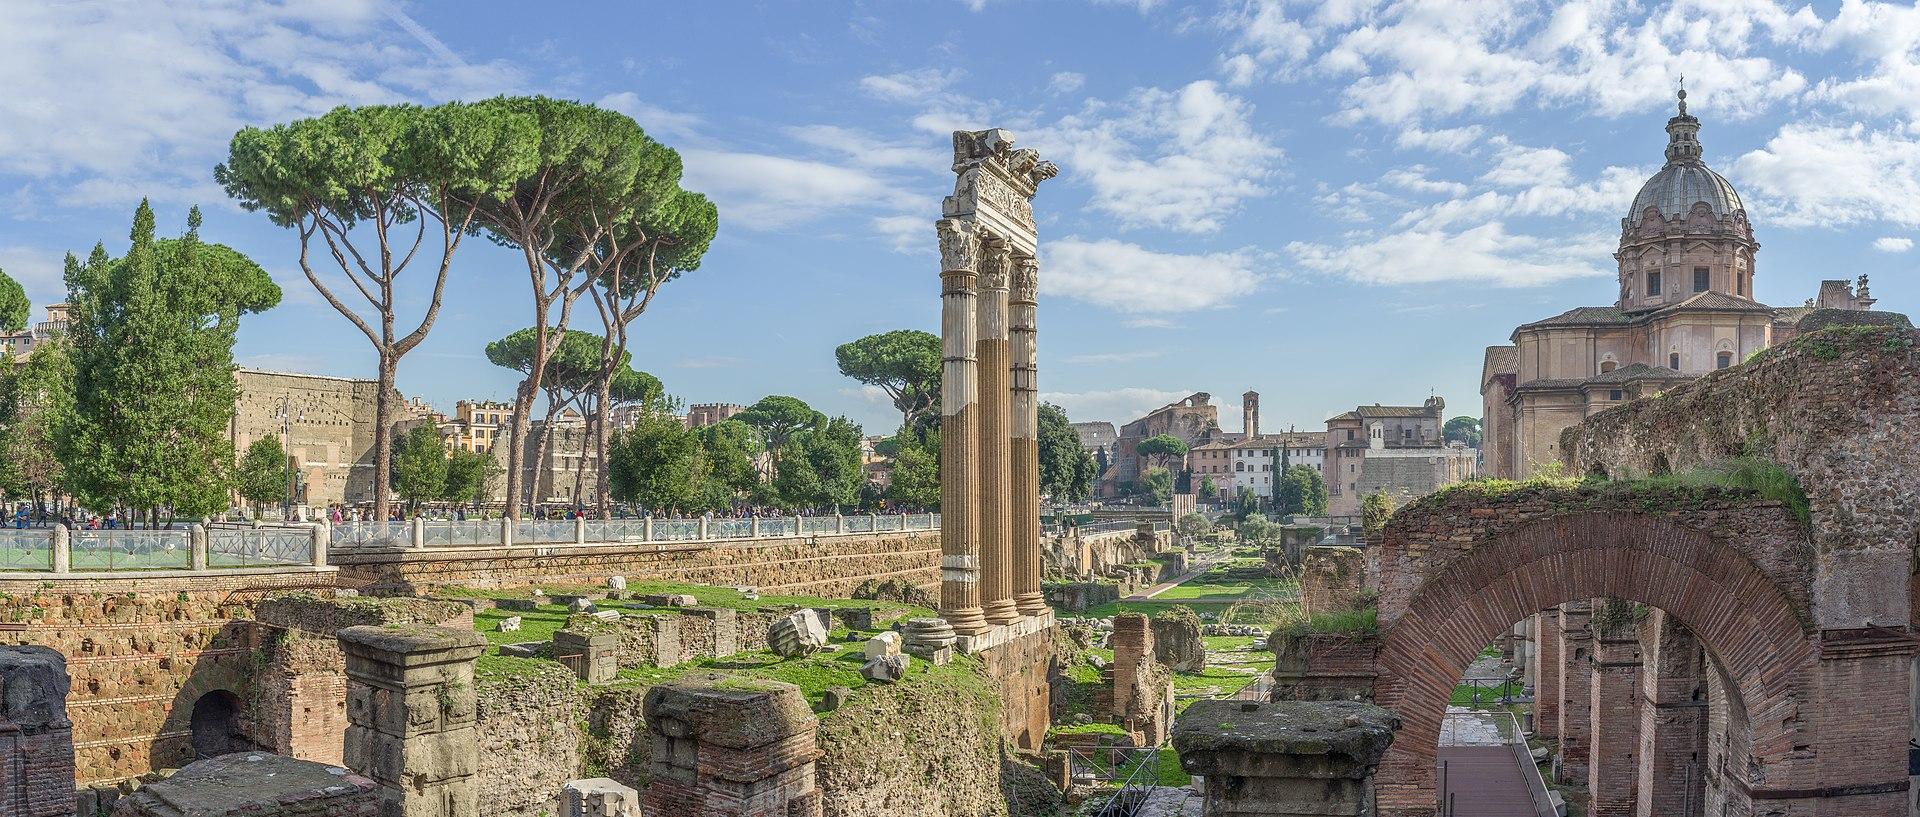 Foro di Cesare a Roma.jpg